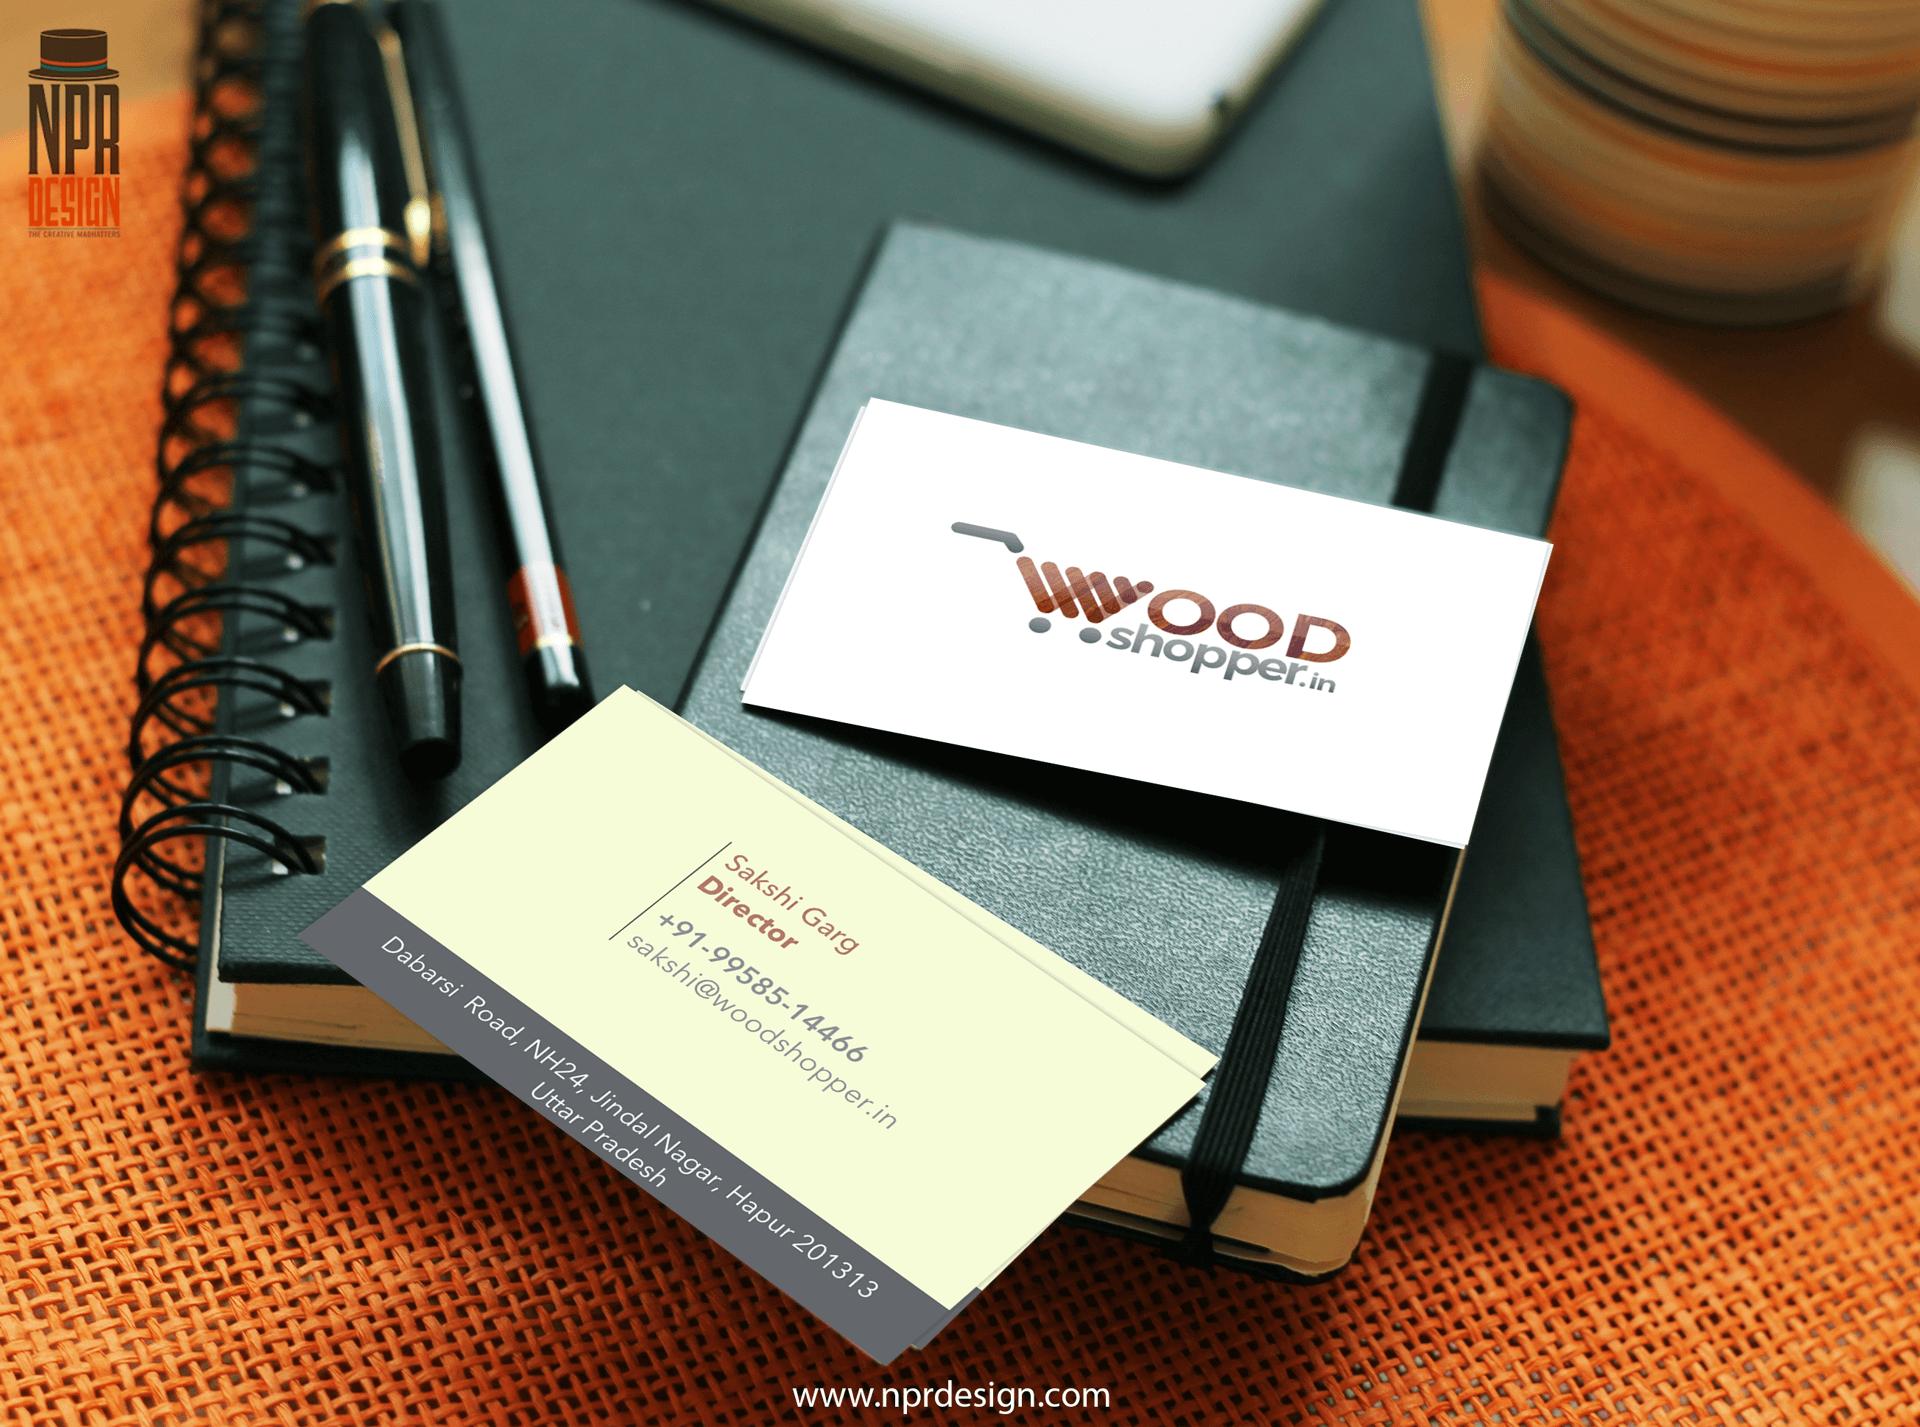 Woodshopper for NPR Design